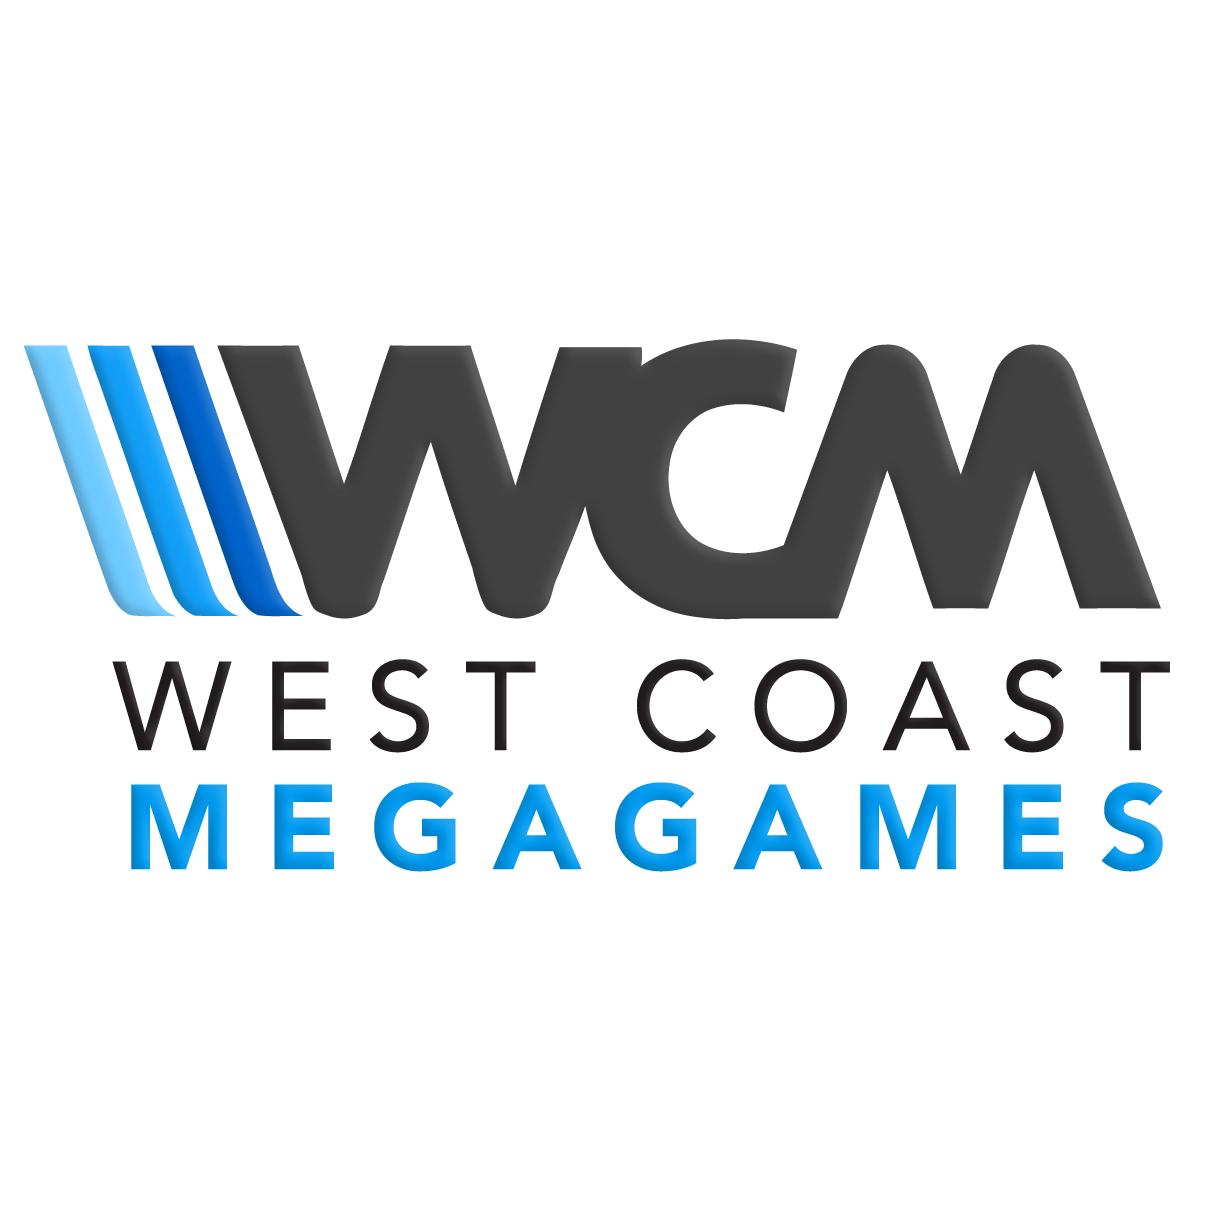 WestCoastMegagames.png